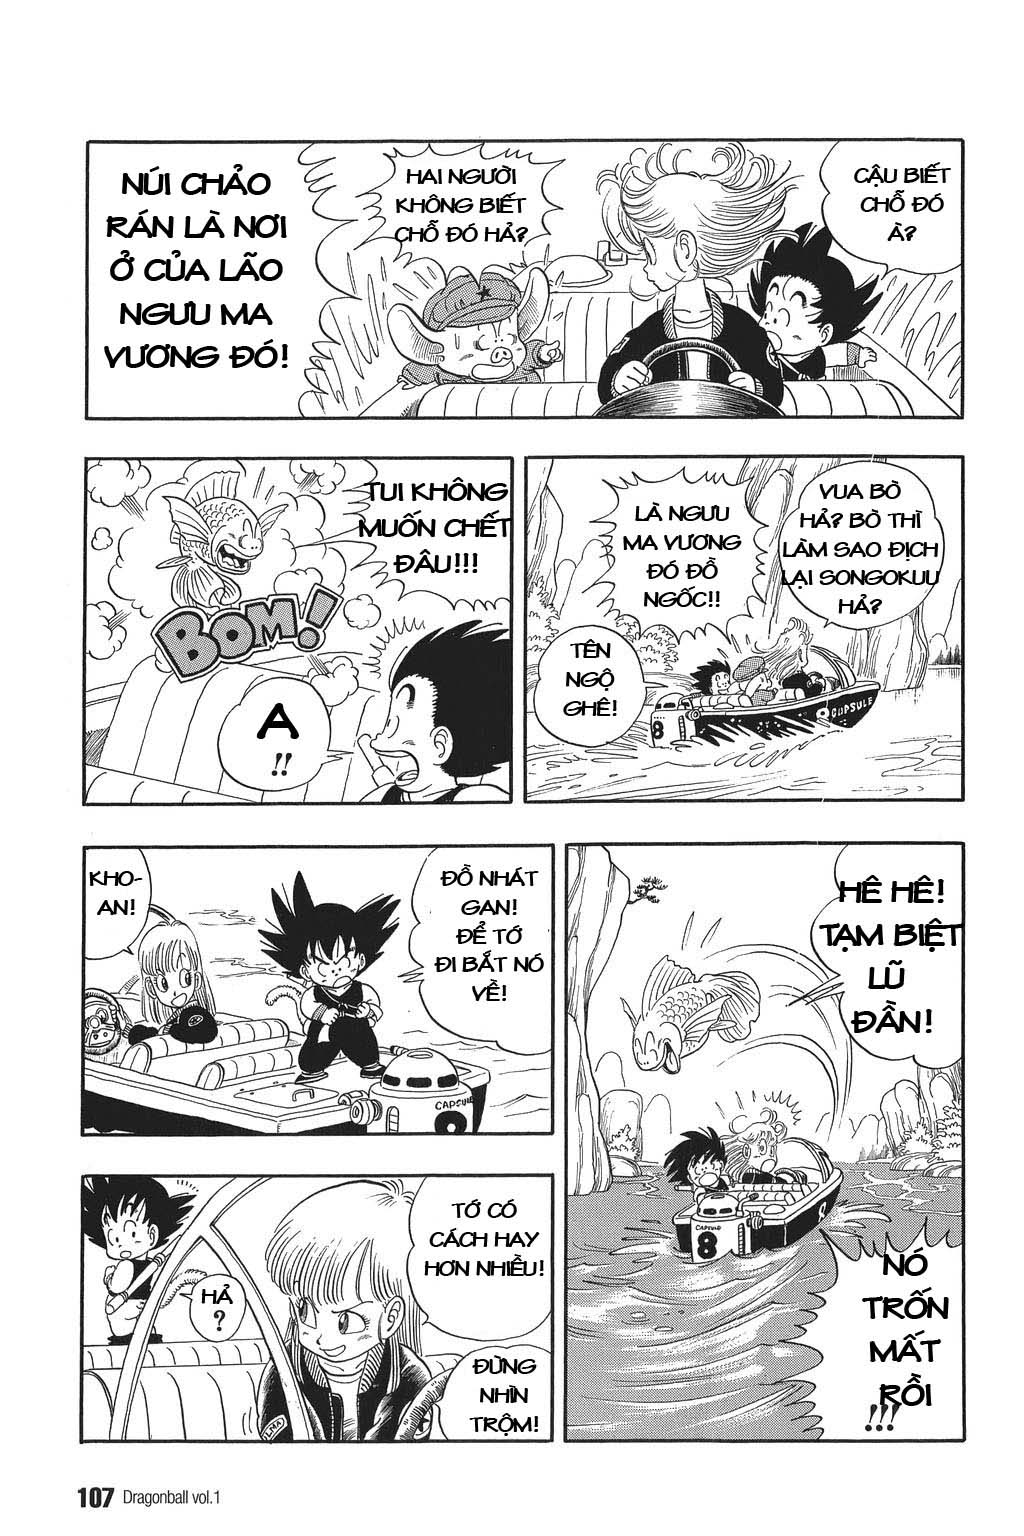 xem truyen moi - Dragon Ball Bản Vip - Bản Đẹp Nguyên Gốc Chap 7